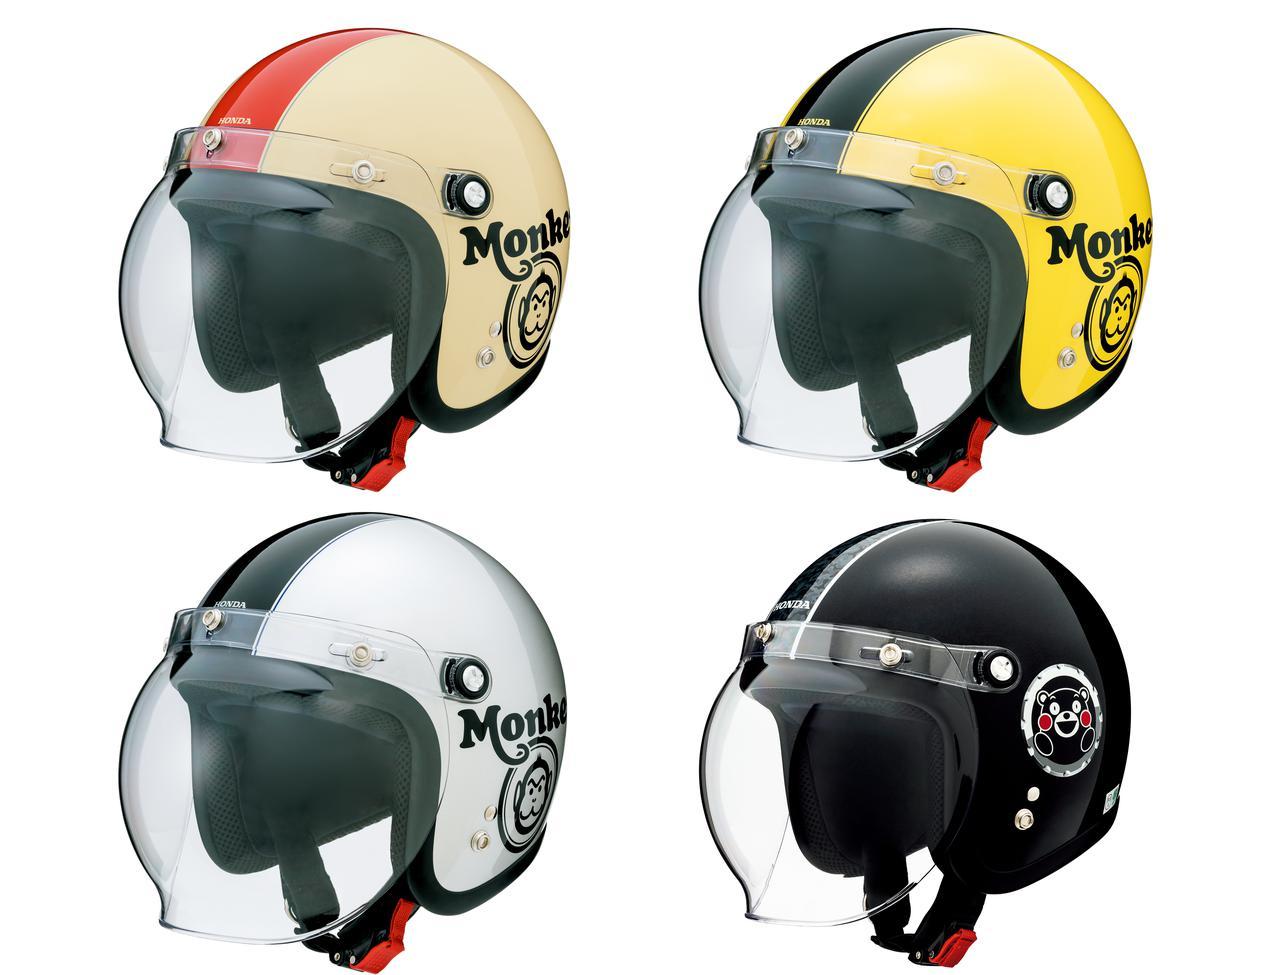 画像4: 原付バイクにぴったりのかわいいヘルメット! ホンダが「モンキー」と「くまモン×クロスカブ」のスモールジェットを発売